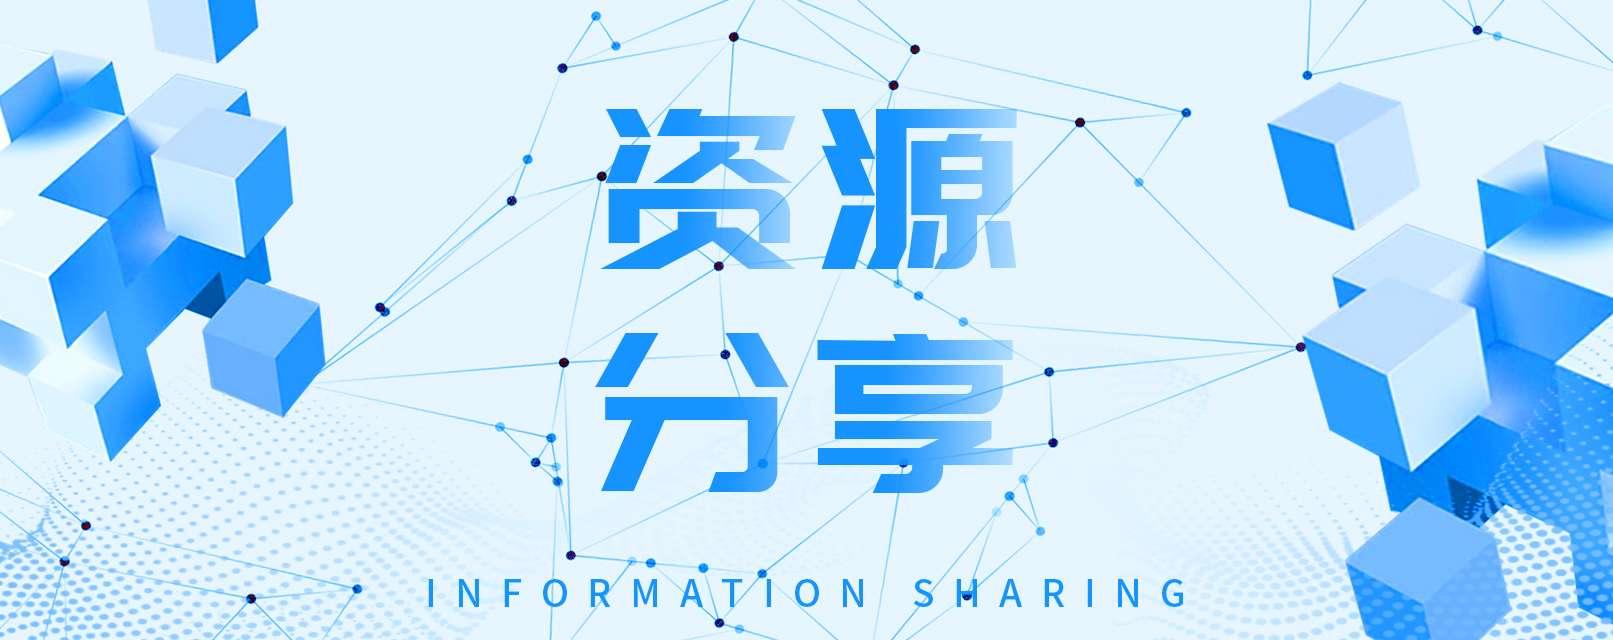 【资源分享】AIDE(编程软件)